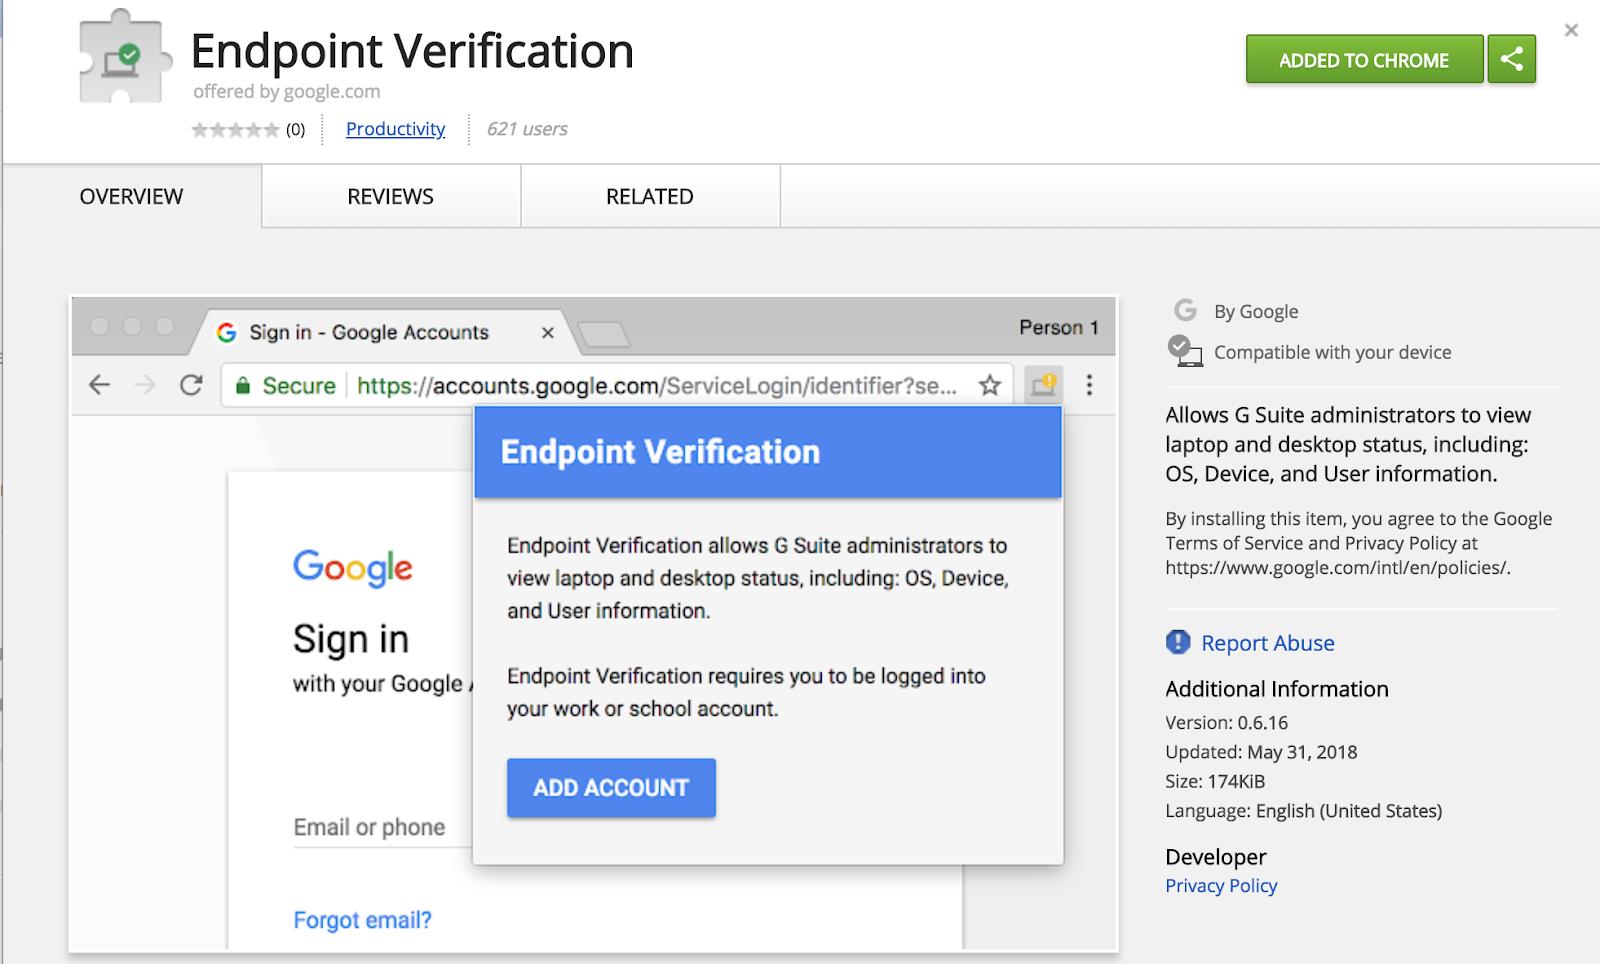 endpoint_verificationvxgj.PNG